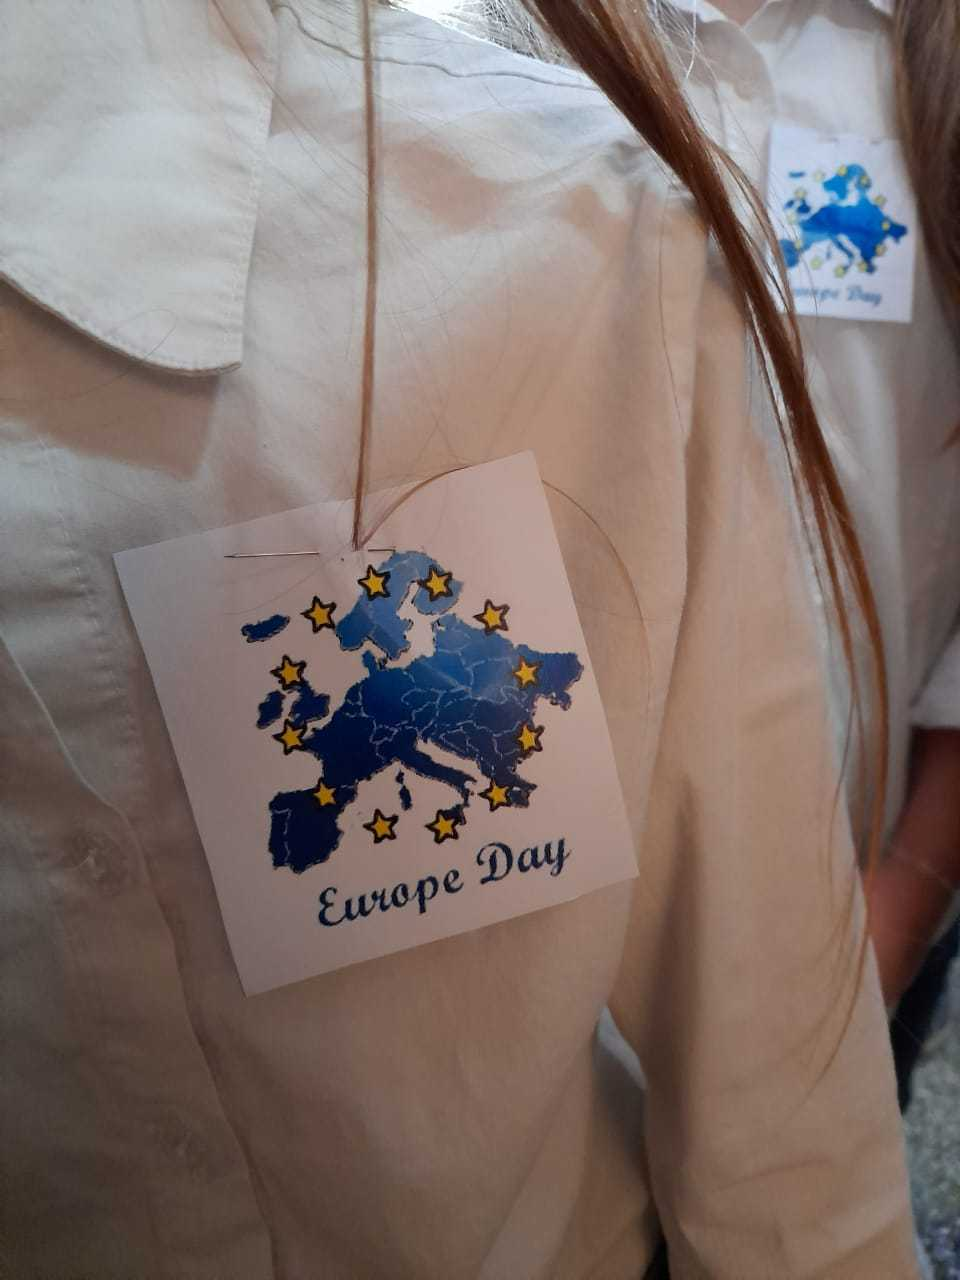 Ditet e Europes, takim me nxenes shkollash